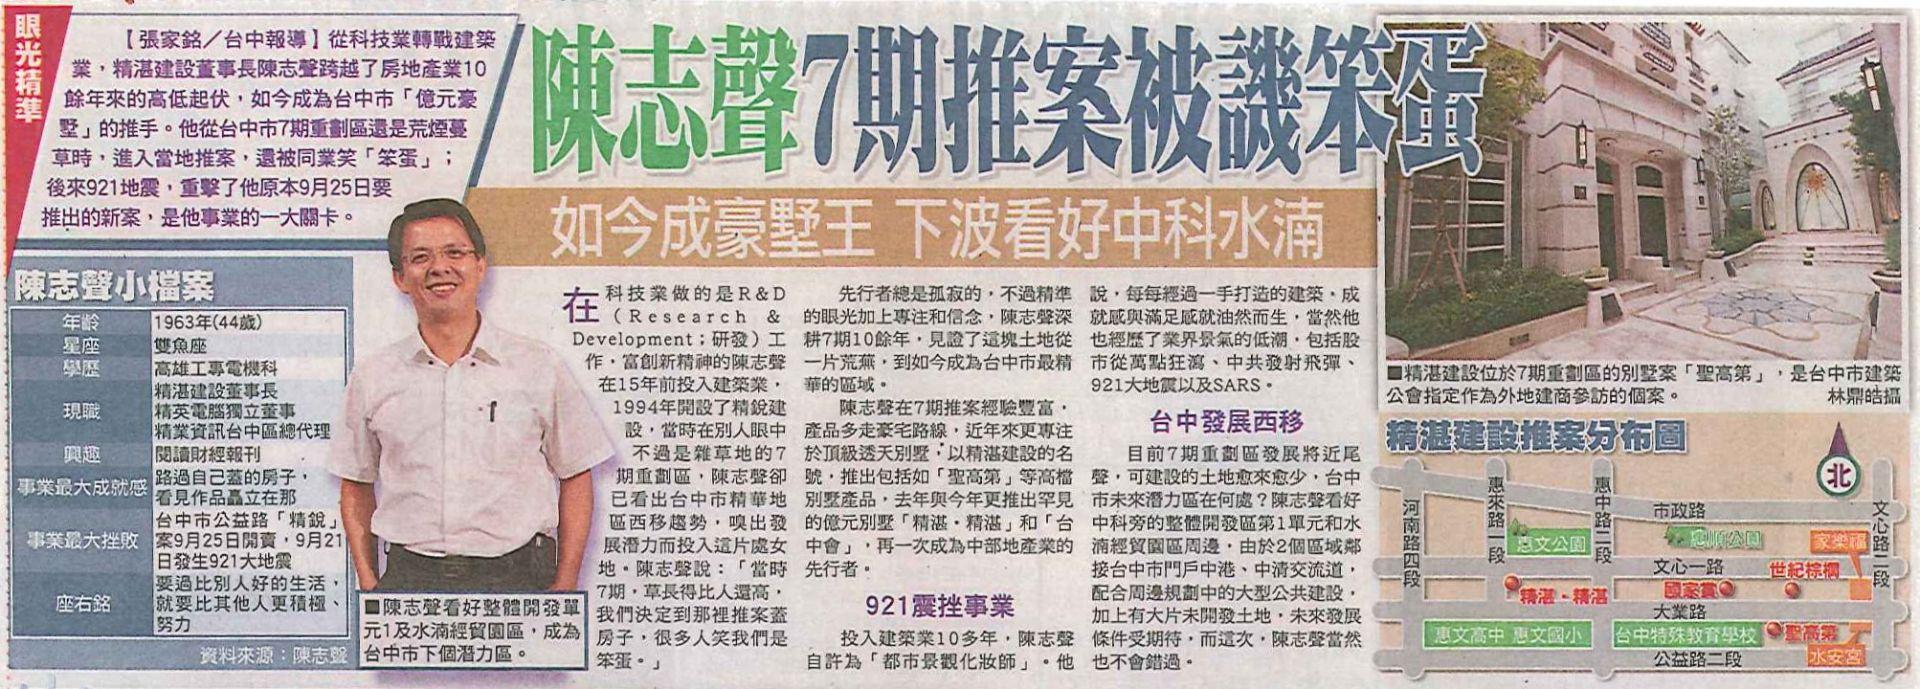 20070807 蘋果日報_眼光精準 陳志聲7期推案被譏笨蛋 如今成豪墅王 下波看好中科水湳